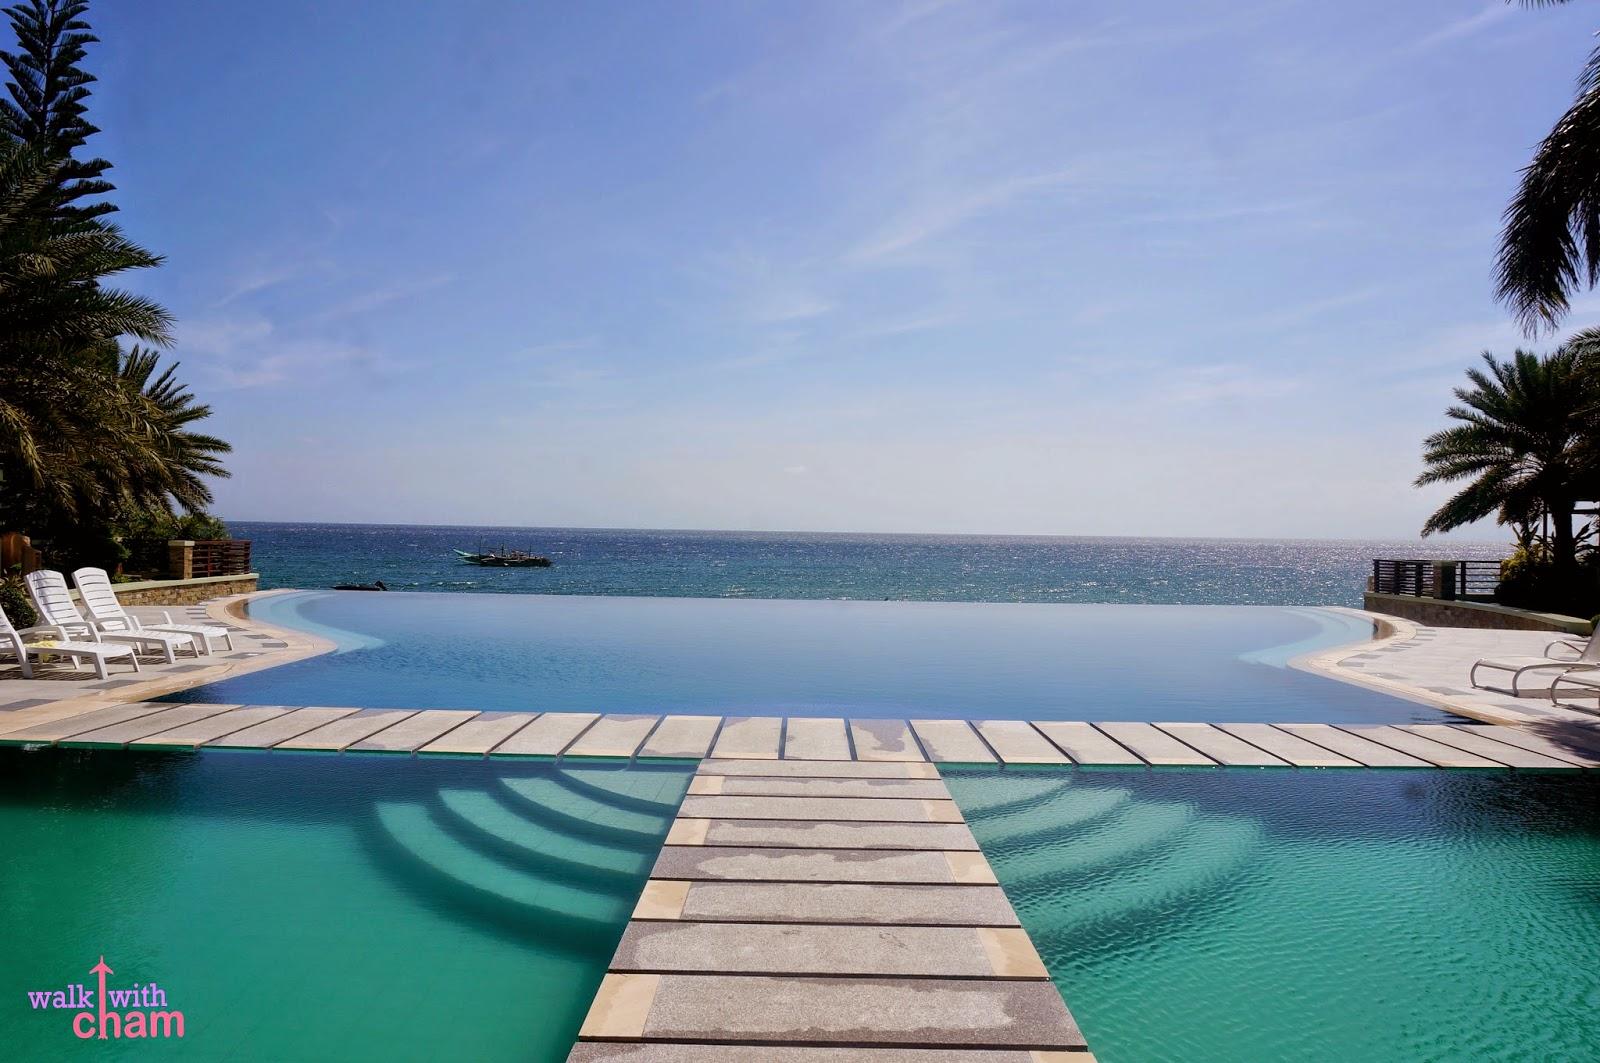 Walk with cham acuatico beach resort liaya batangas philippines for Batangas beach and swimming pool resort